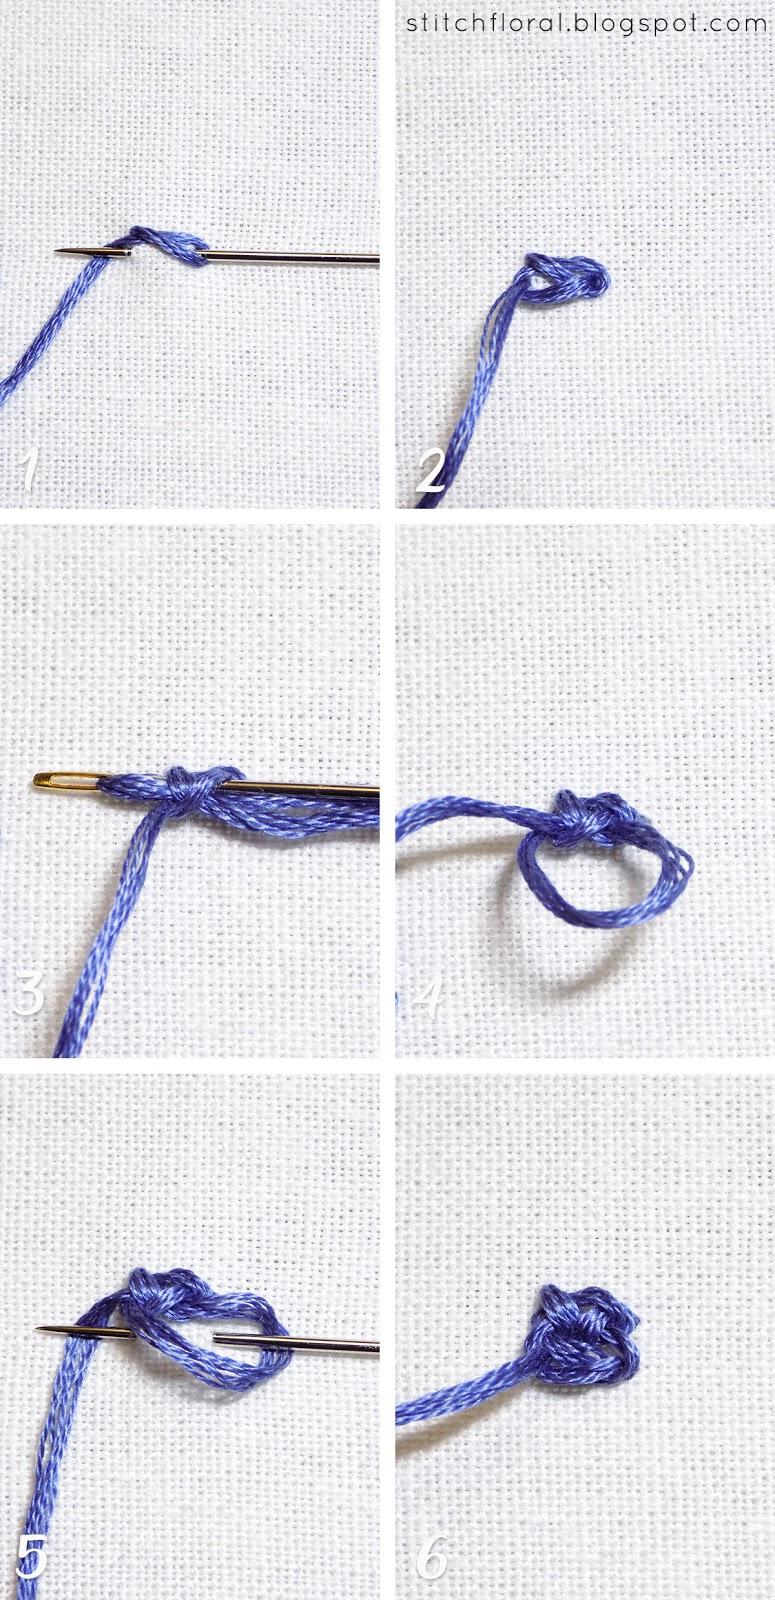 plaited braid stitch tutorial